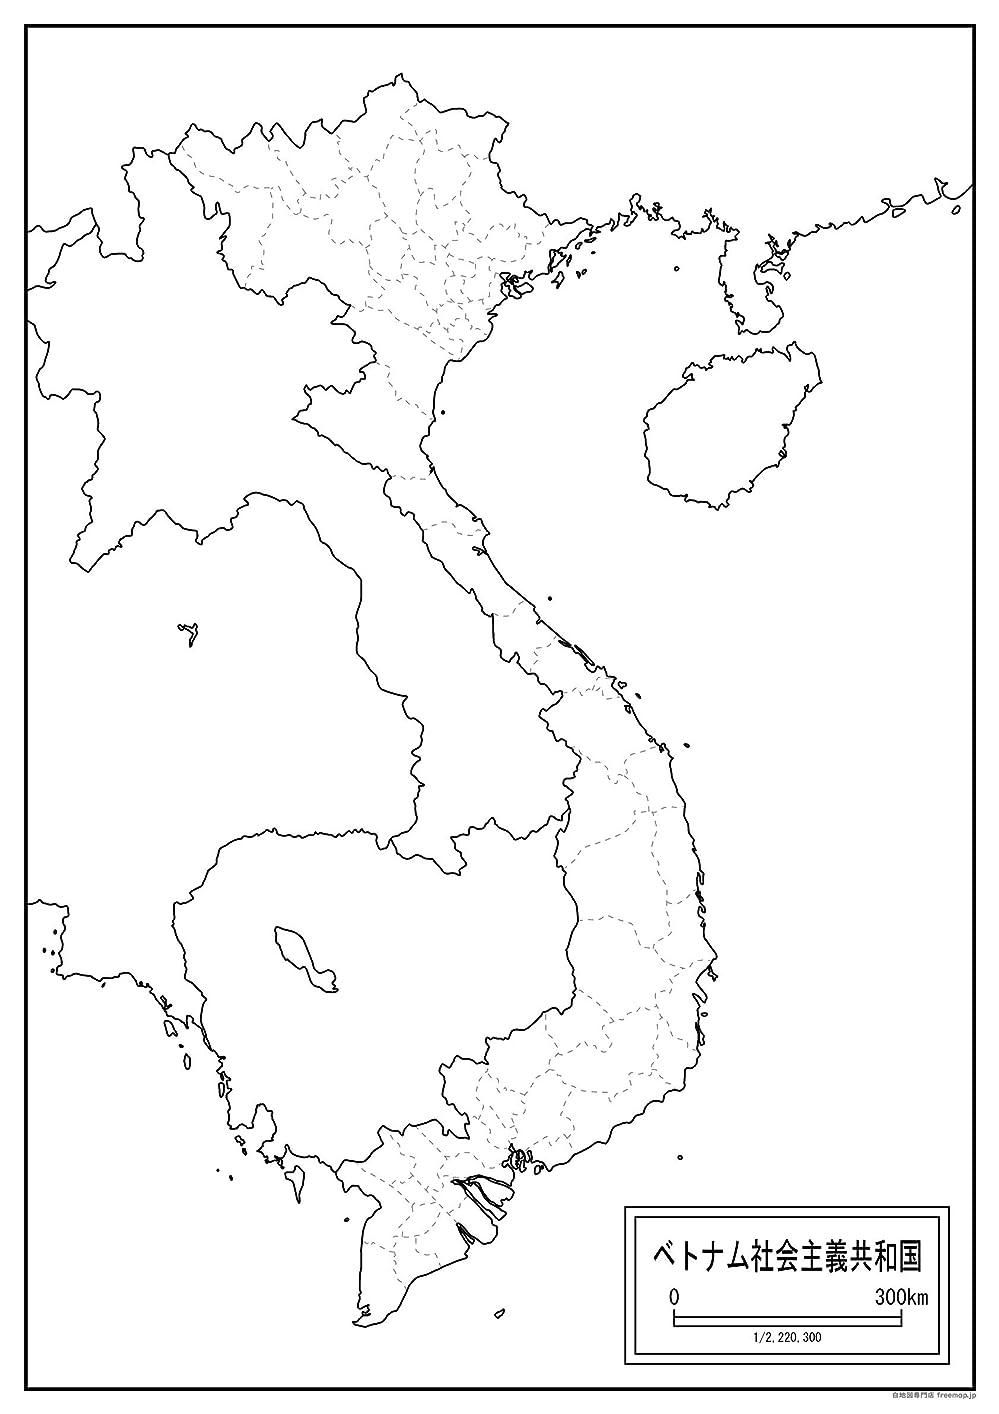 オフインディカ機知に富んだベトナムの白地図 A1サイズ 2枚セット